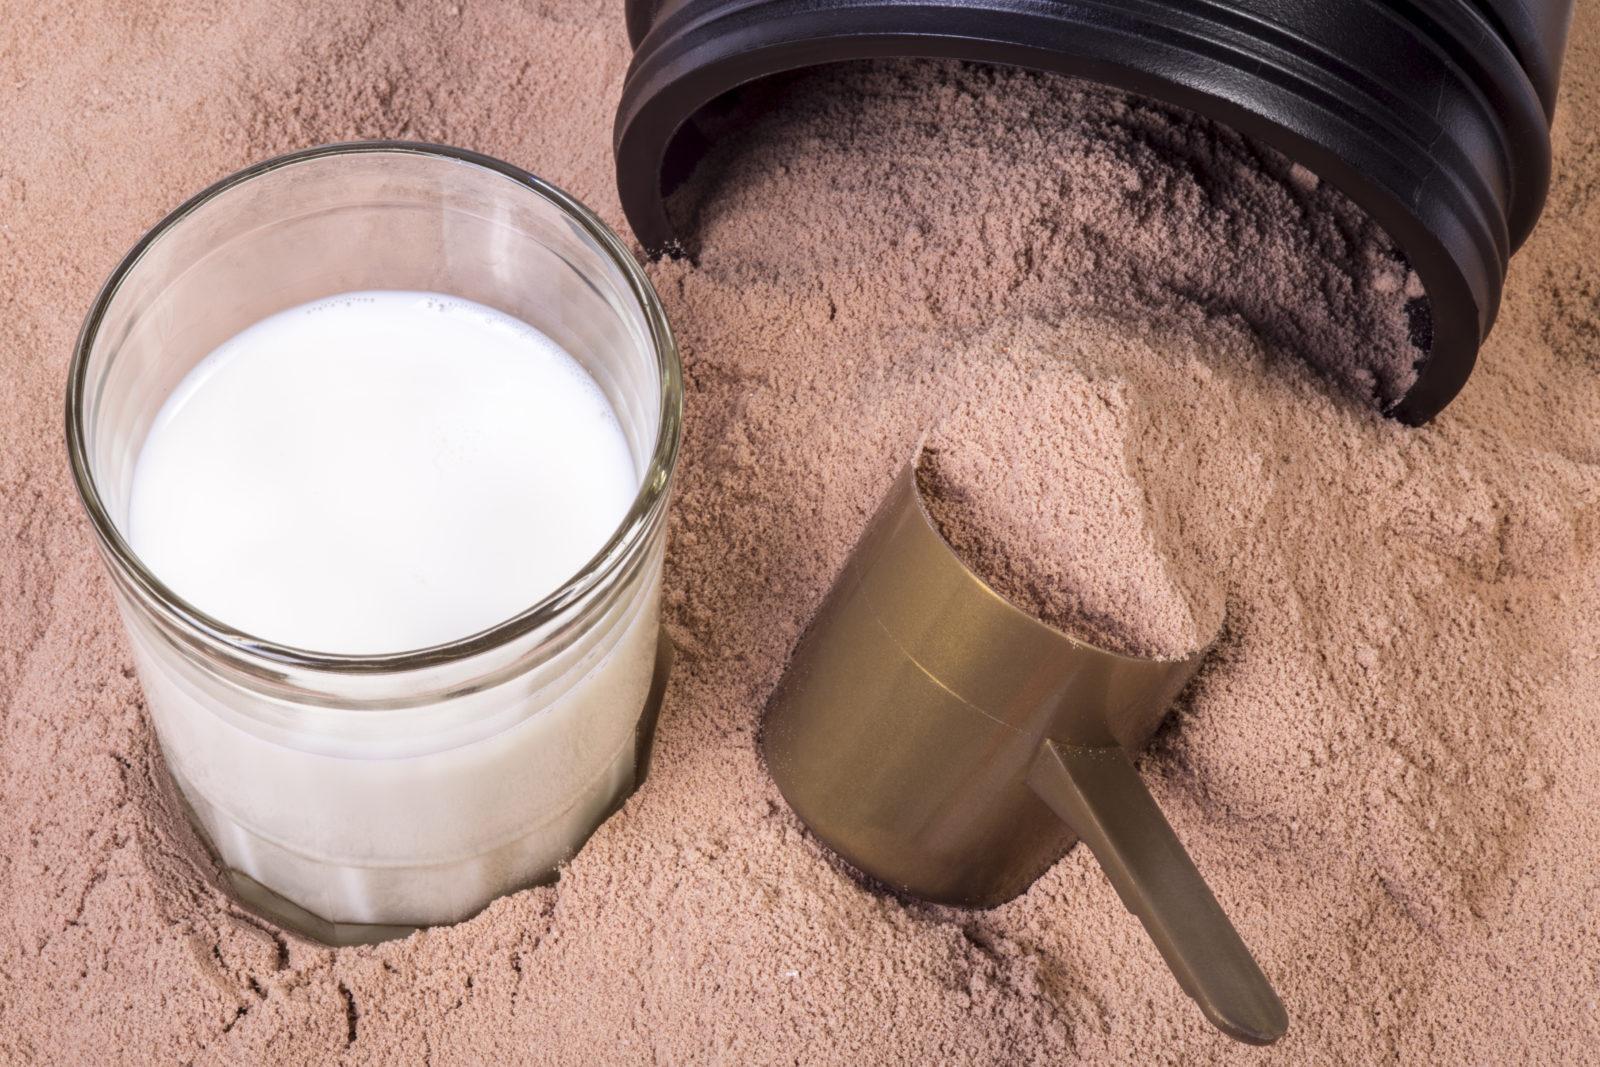 Как производят протеин и можно ли считать его химией или натуральны продуктом.